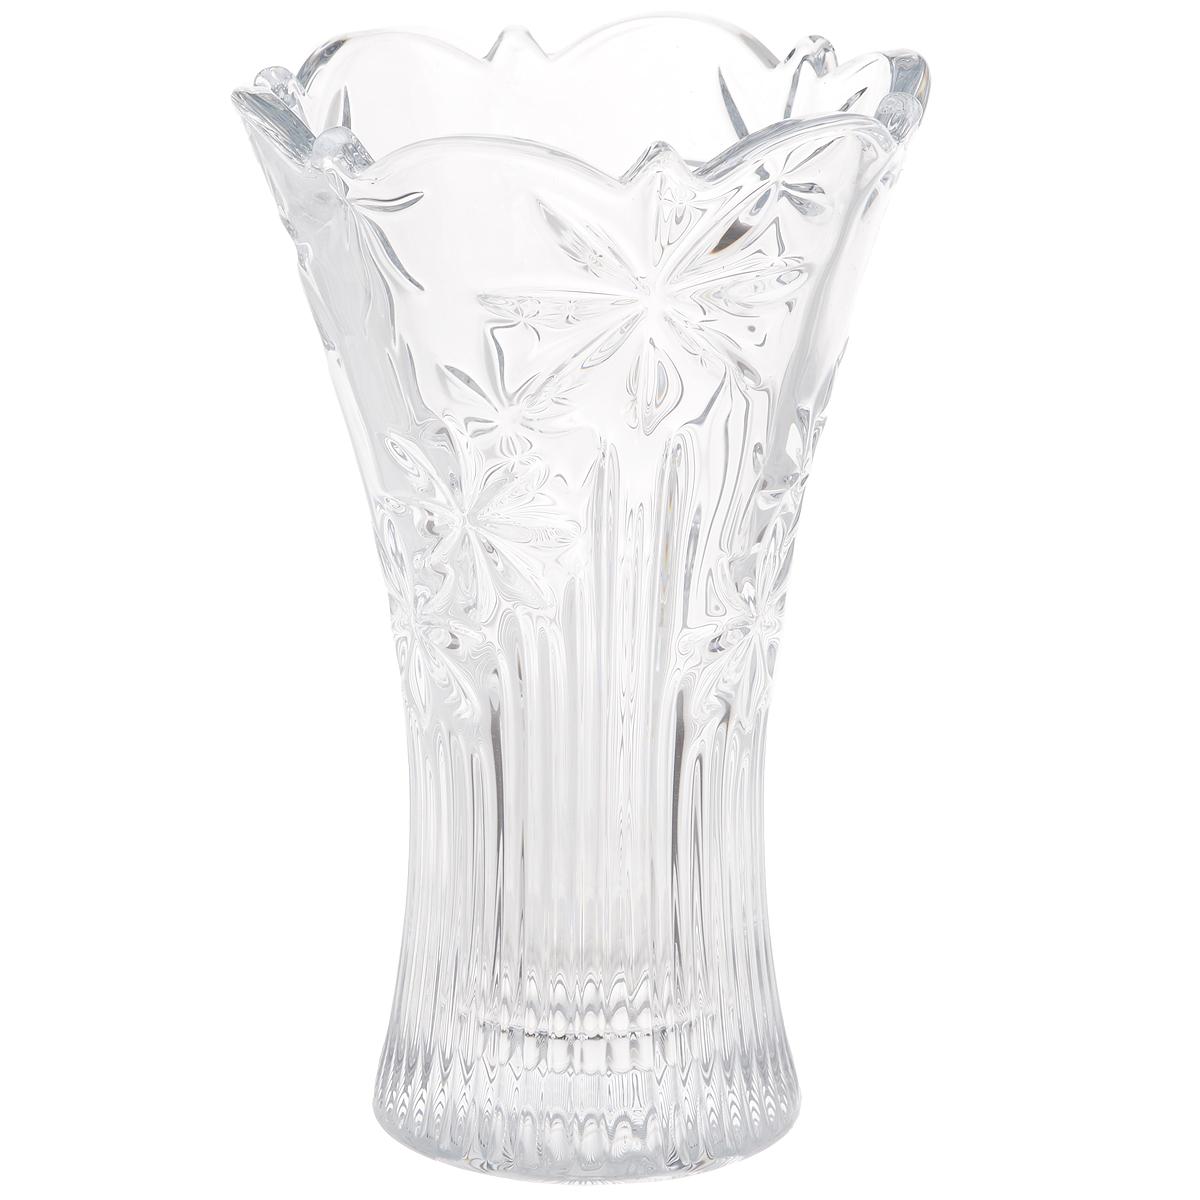 Ваза Crystalite Bohemia Персей, высота 20,5 см89001/0/99004/205SИзящная ваза Crystalite Bohemia Персей изготовлена из прочного утолщенного стекла кристалайт. Она красиво переливается и излучает приятный блеск. Ваза оснащена цветочным рельефным узором и неровными краями, что делает ее изящным украшением интерьера. Ваза Crystalite Bohemia Персей дополнит интерьер офиса или дома и станет желанным и стильным подарком.